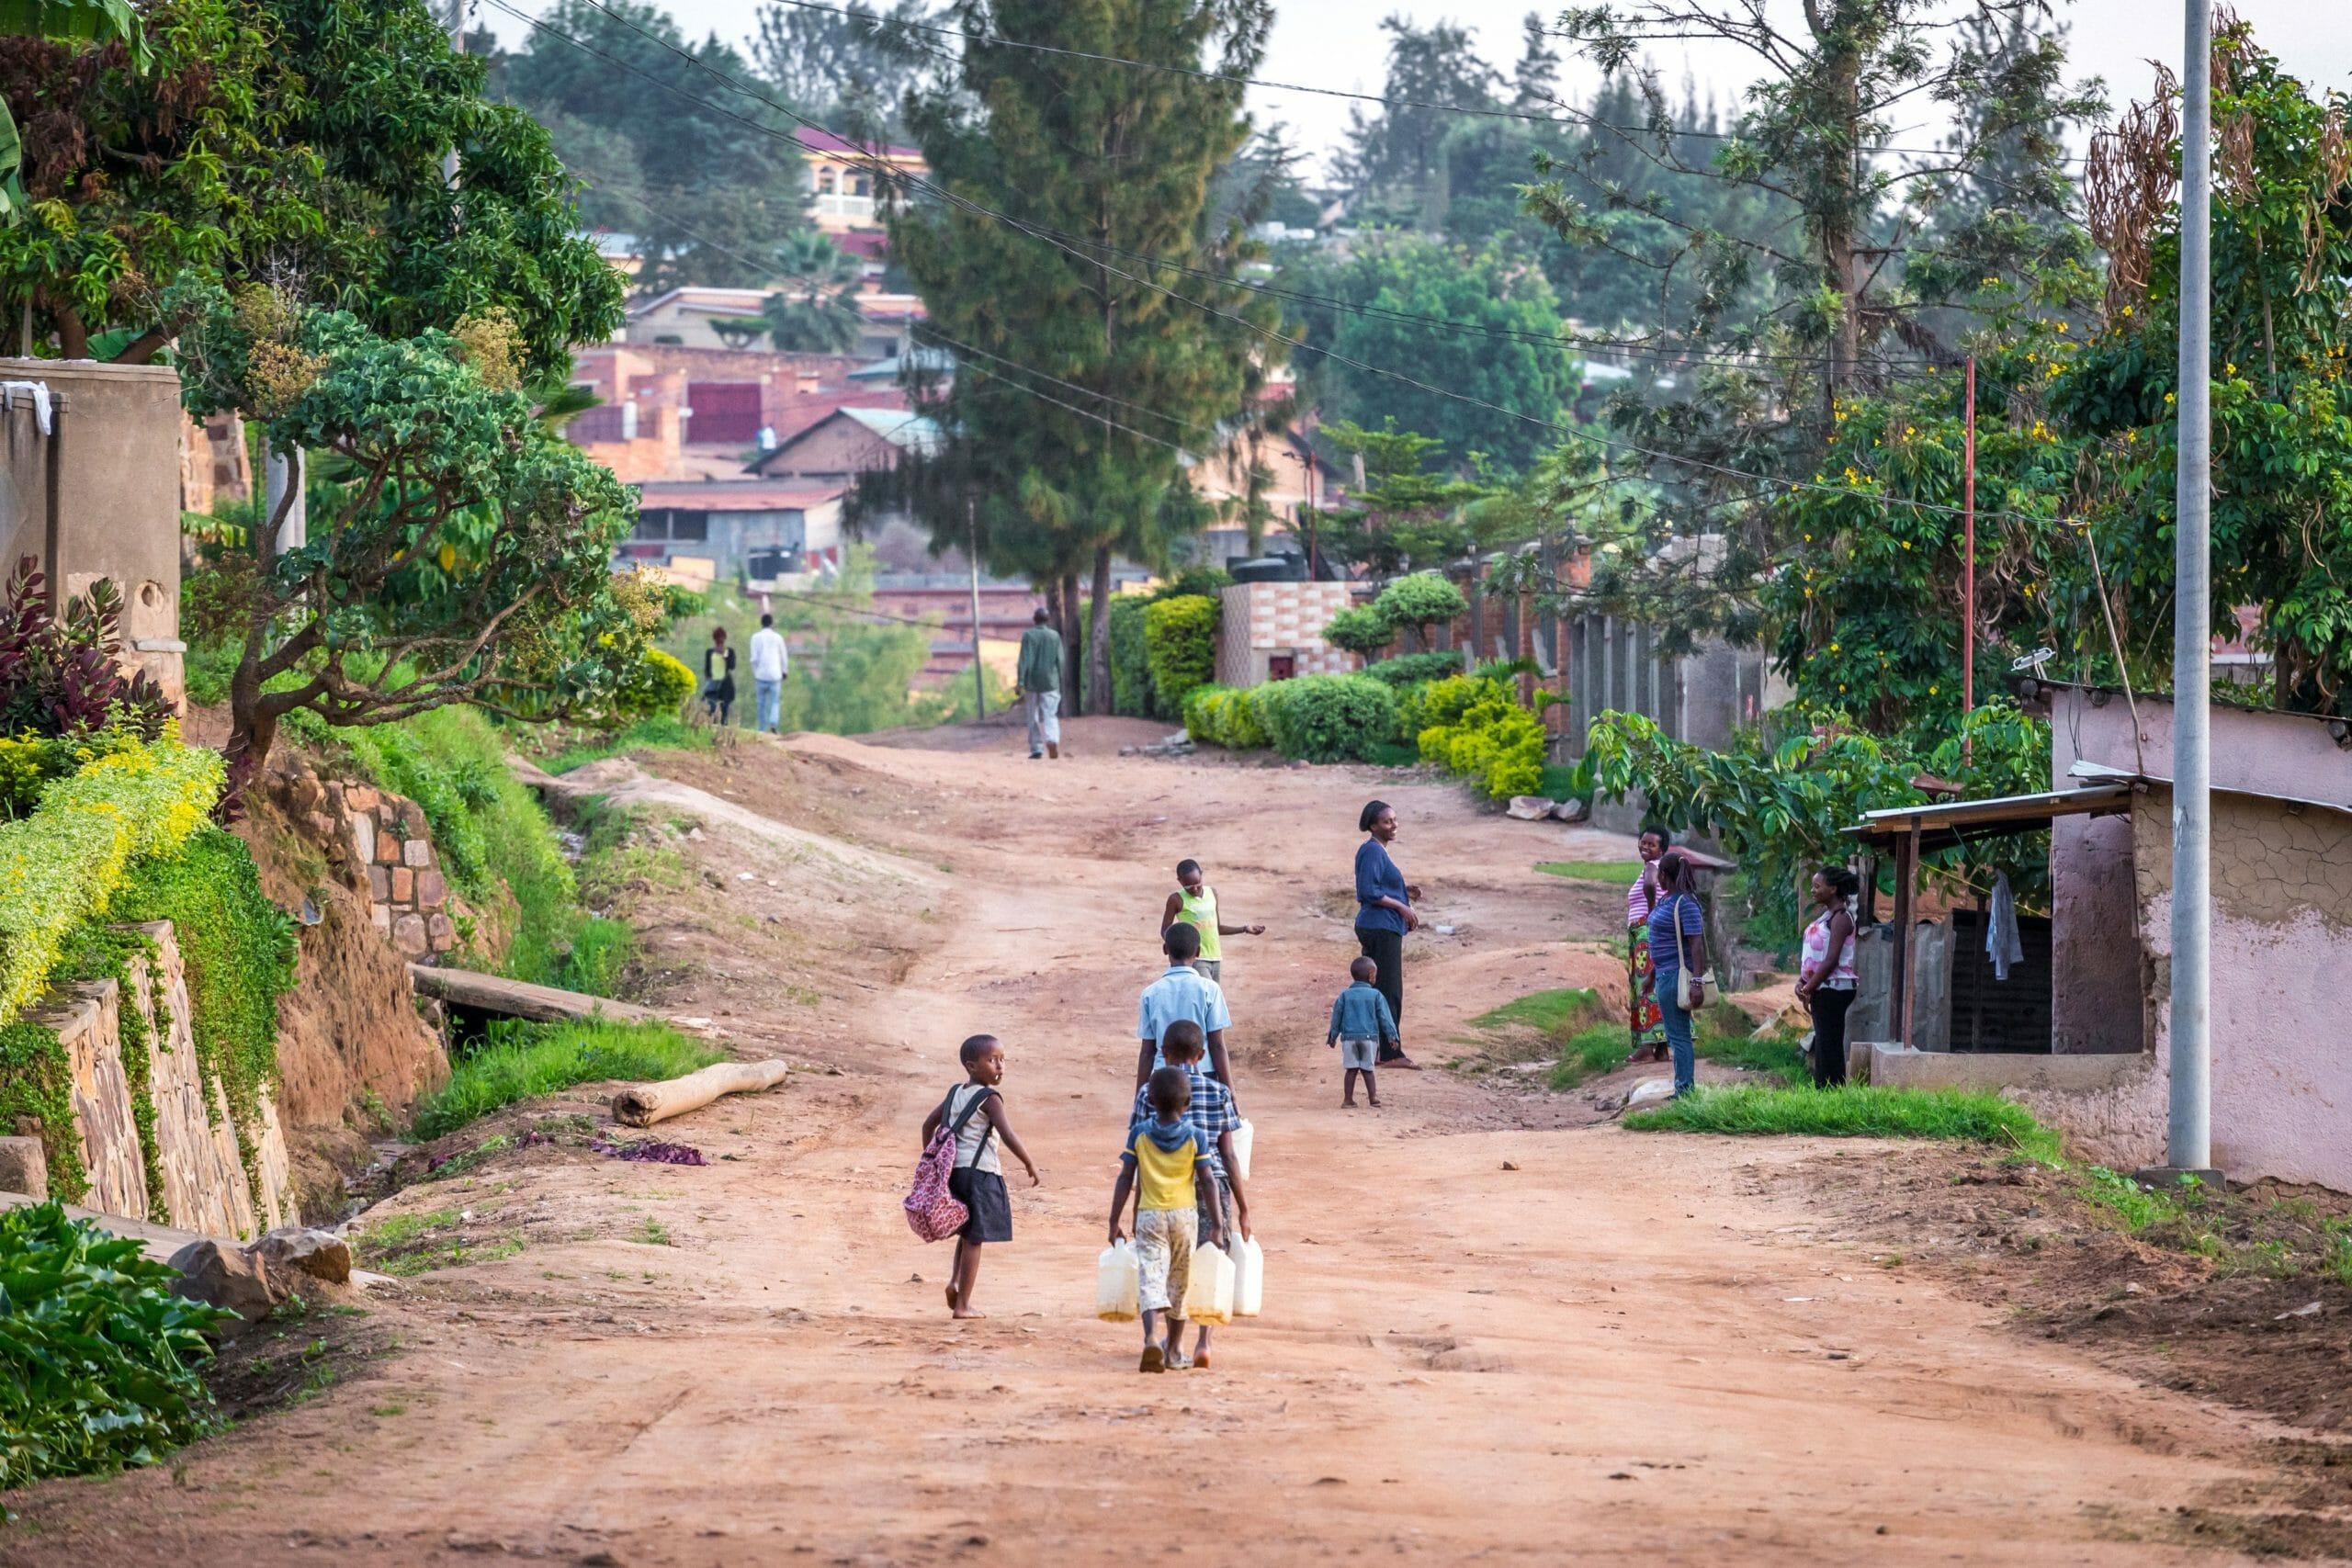 Det næste danske modtagecenter for asylansøgere kan ende i Rwanda